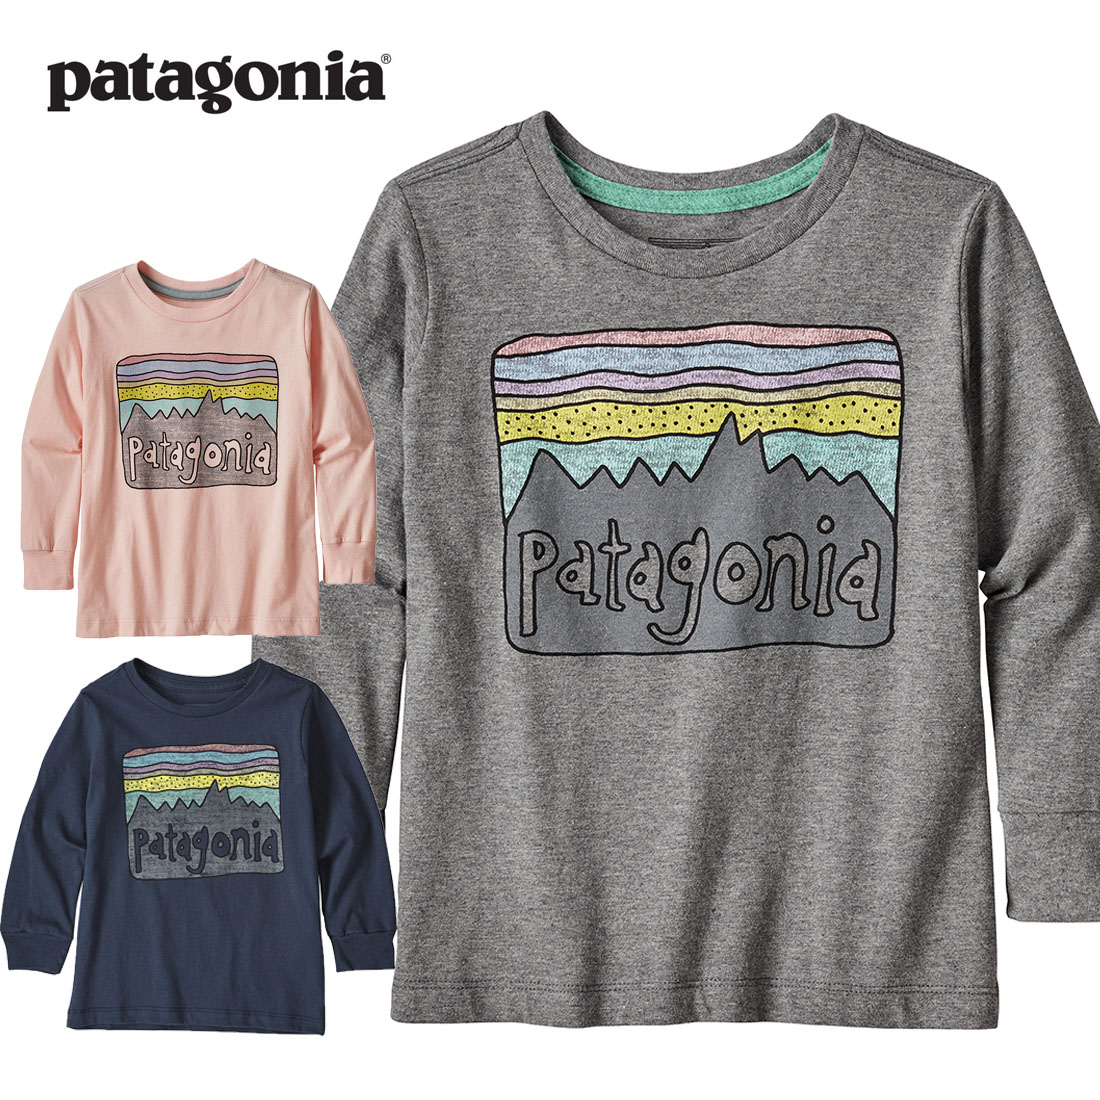 パタゴニア Patagonia Baby LT Grafhic Organic T-Shirt (6-12M/6-12ヶ月 12-18M/12-18ヶ月 2T/2歳 3T/3歳 4T/4歳 5T/5歳)【メール便可】